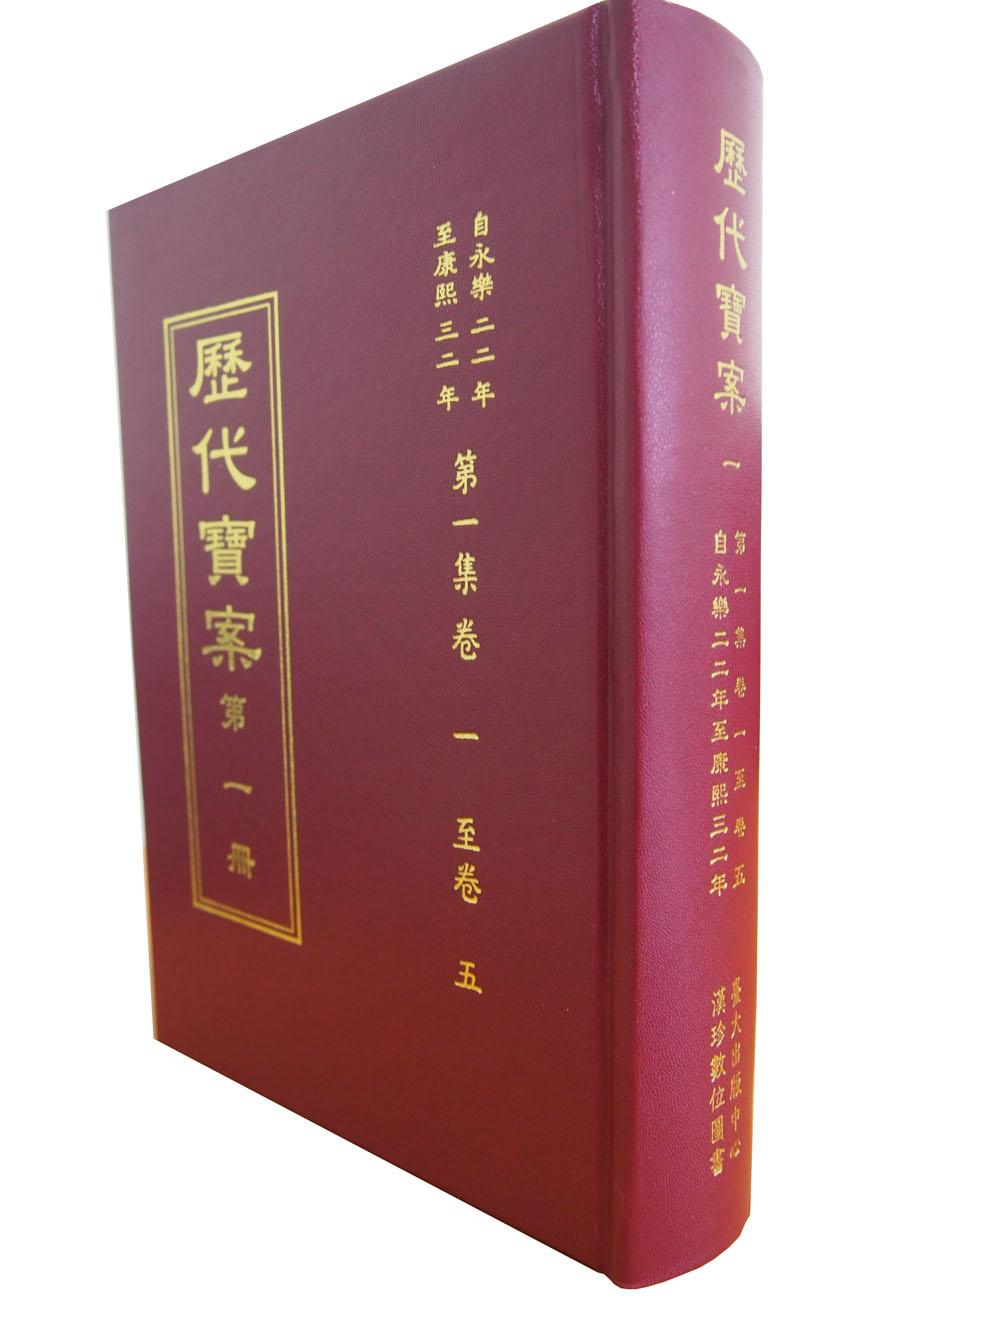 歷代寶案(復刻版)(全套紙本共53冊)